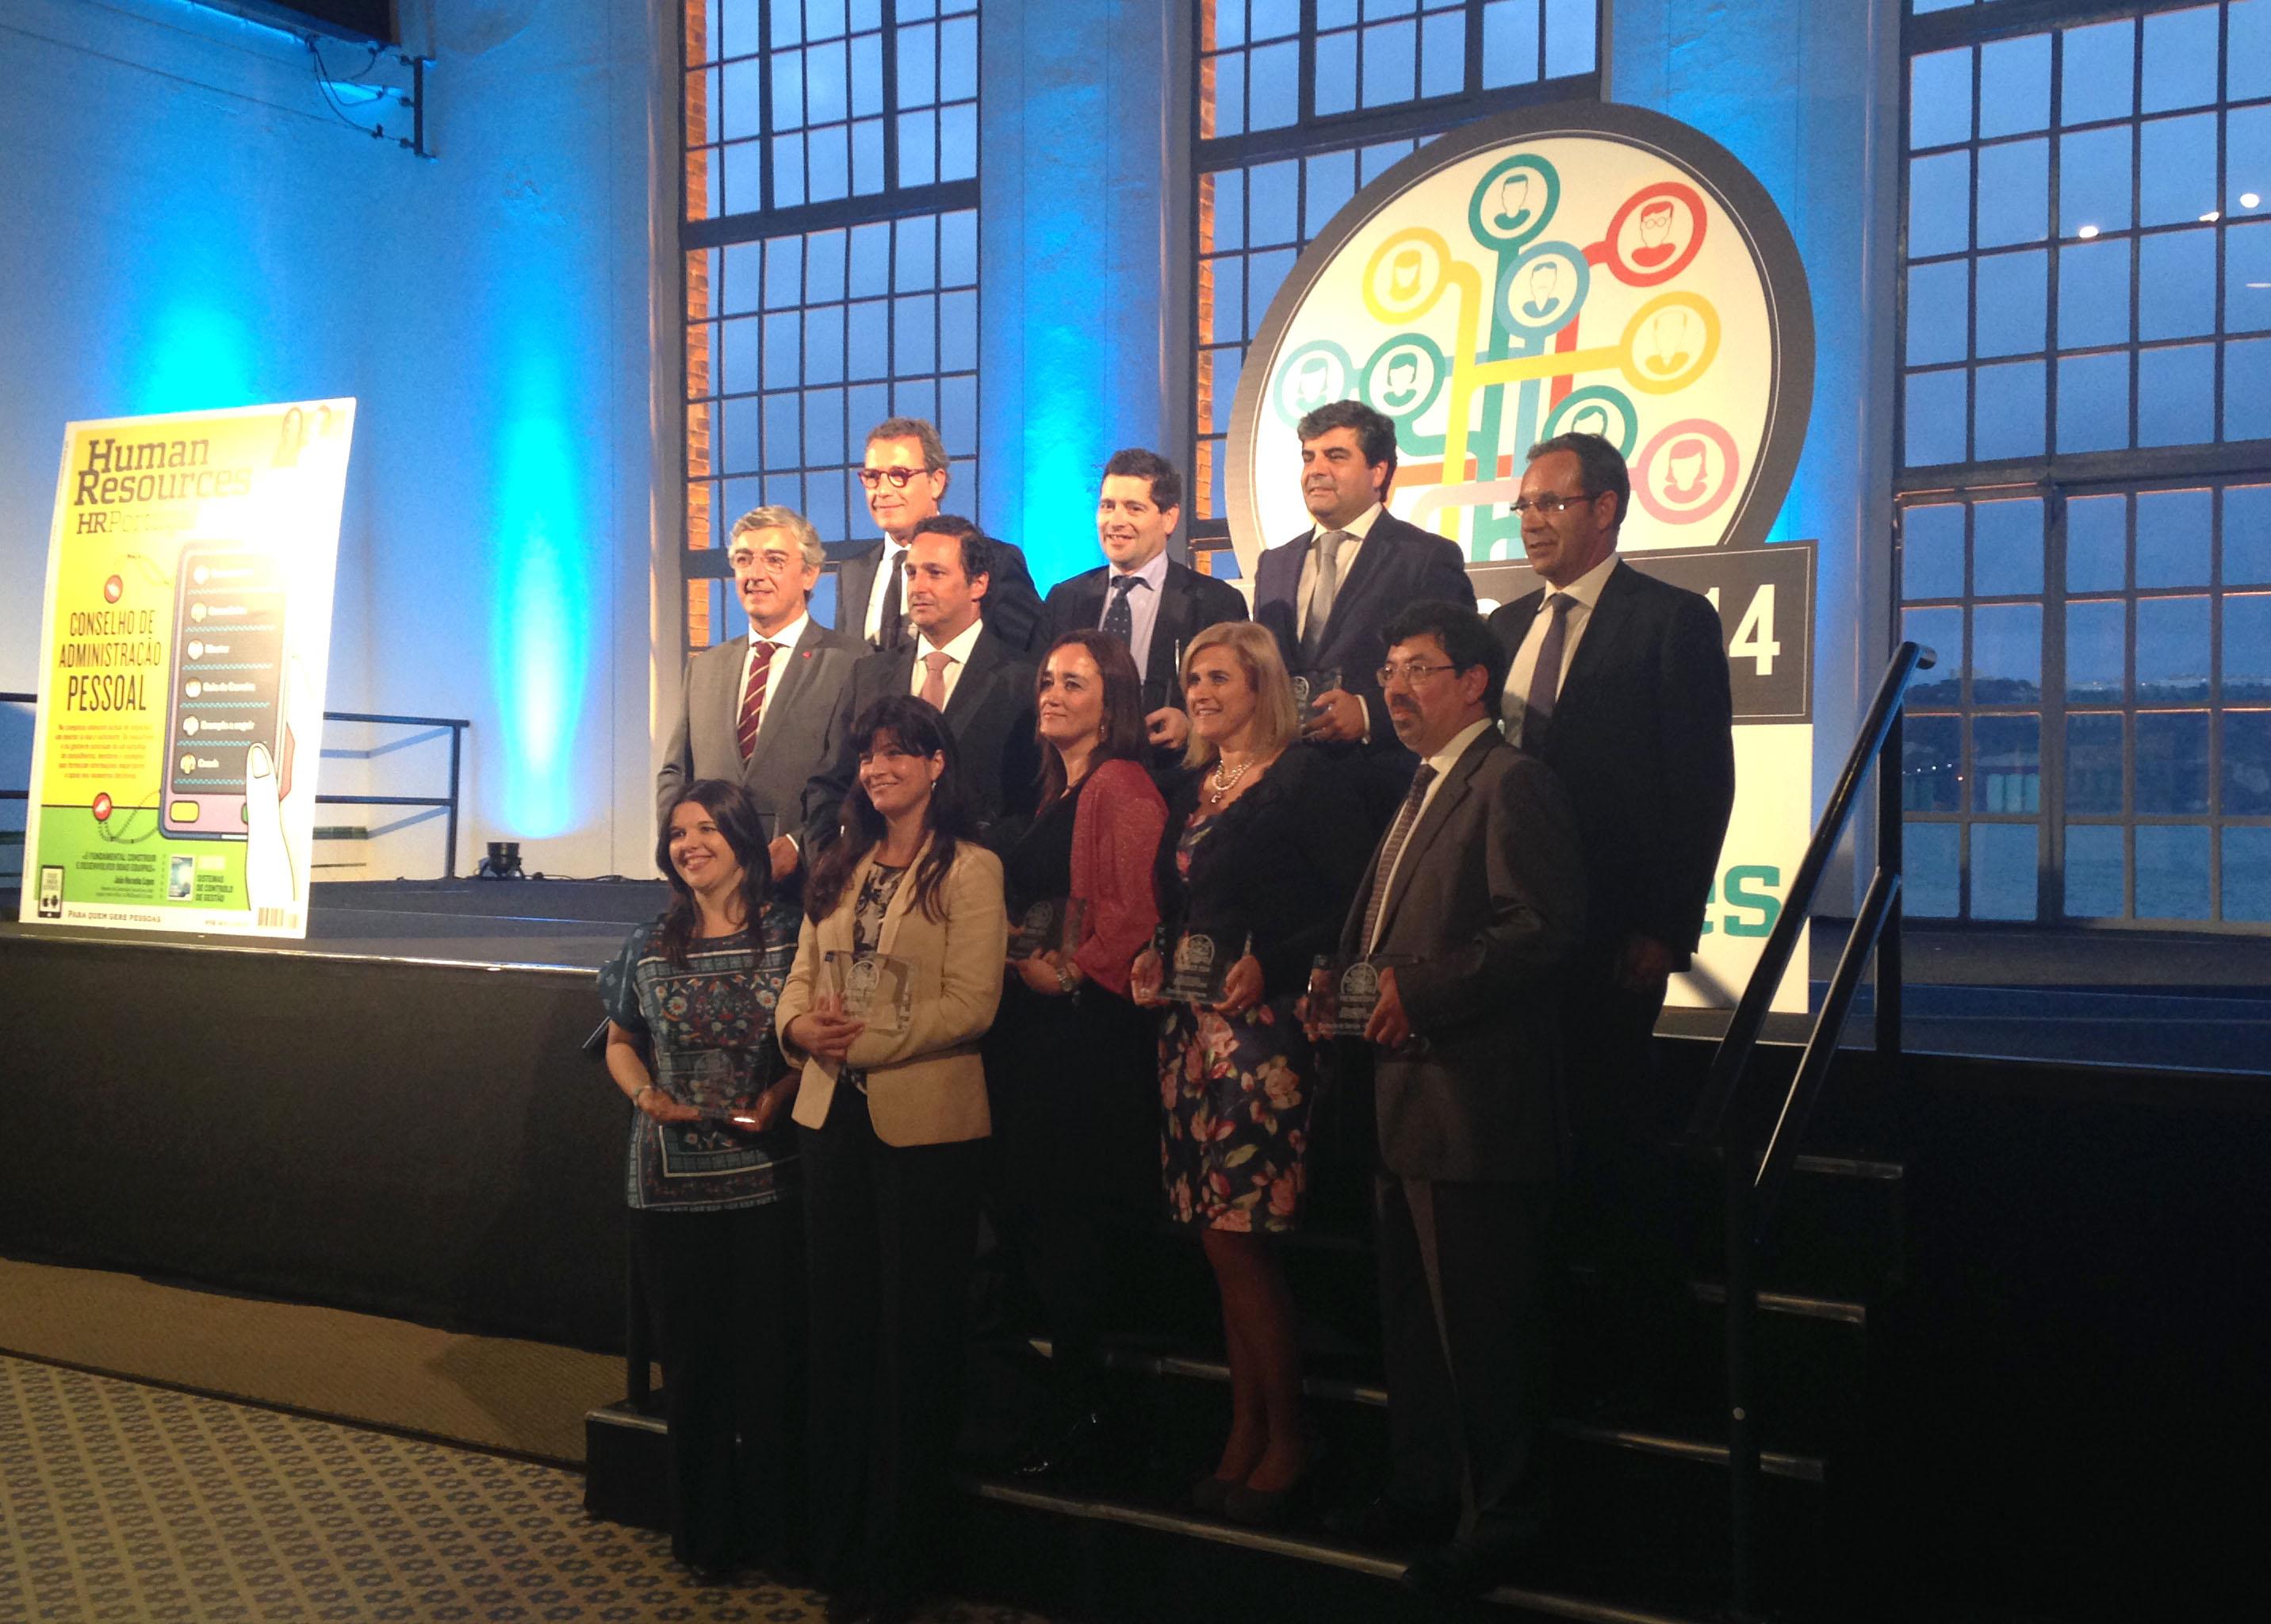 Grupo CH ganha Prémio HR 2014